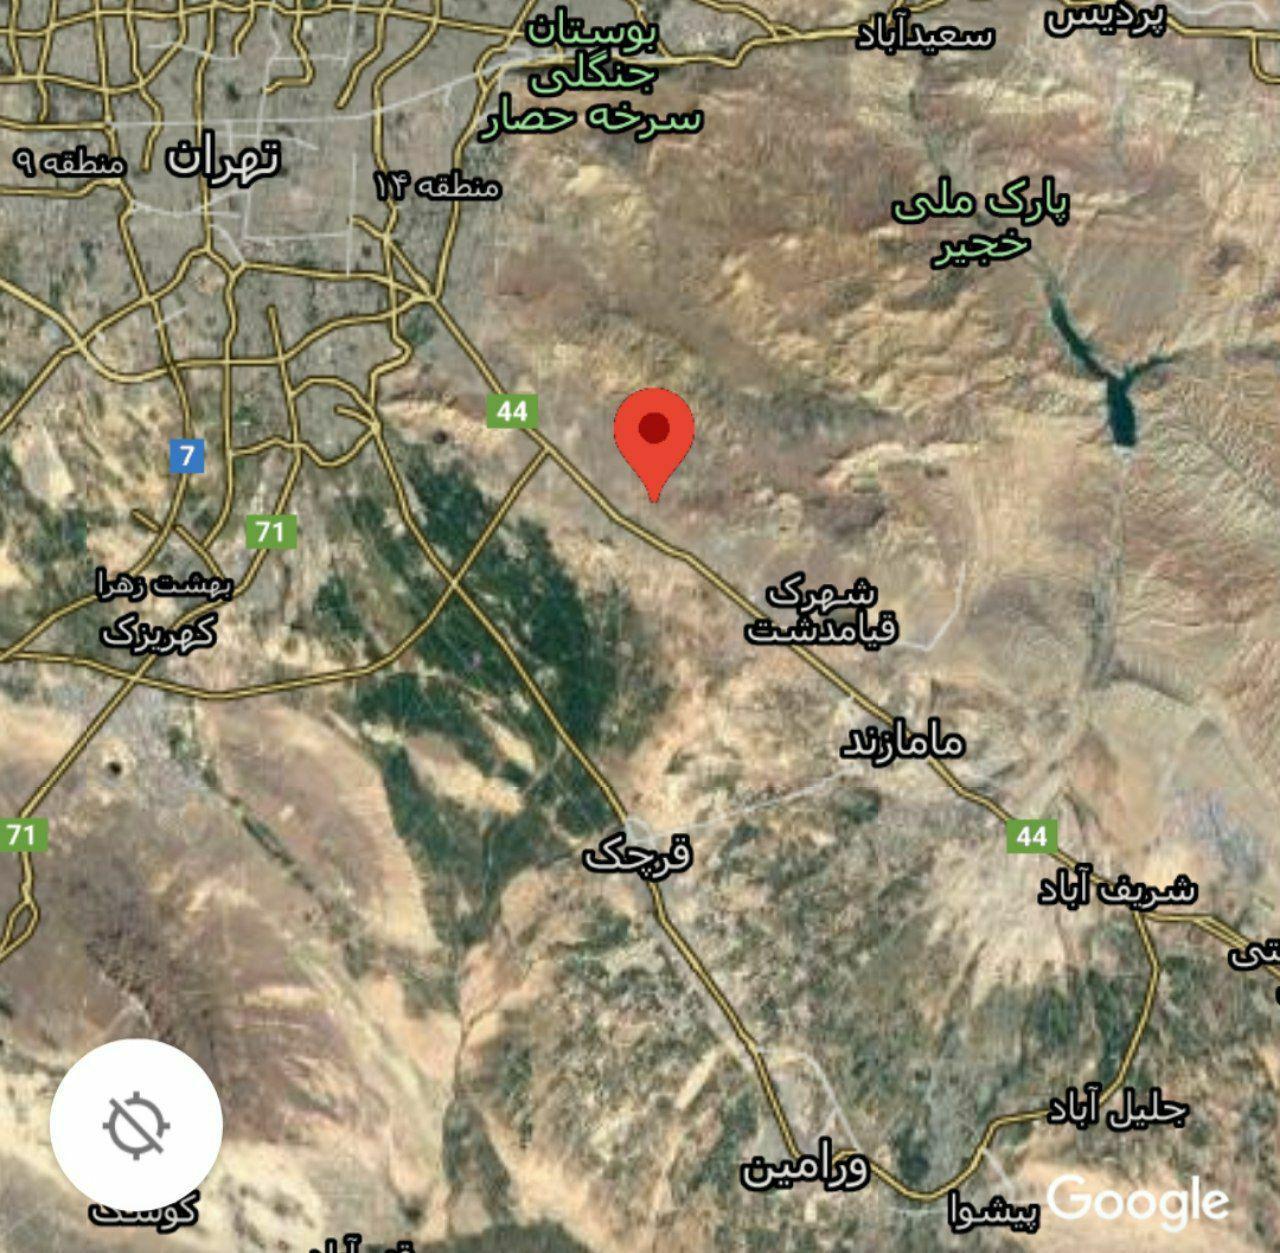 زلزله در جنوب تهران / دقایقی پیش در قیامدشت رخ داد